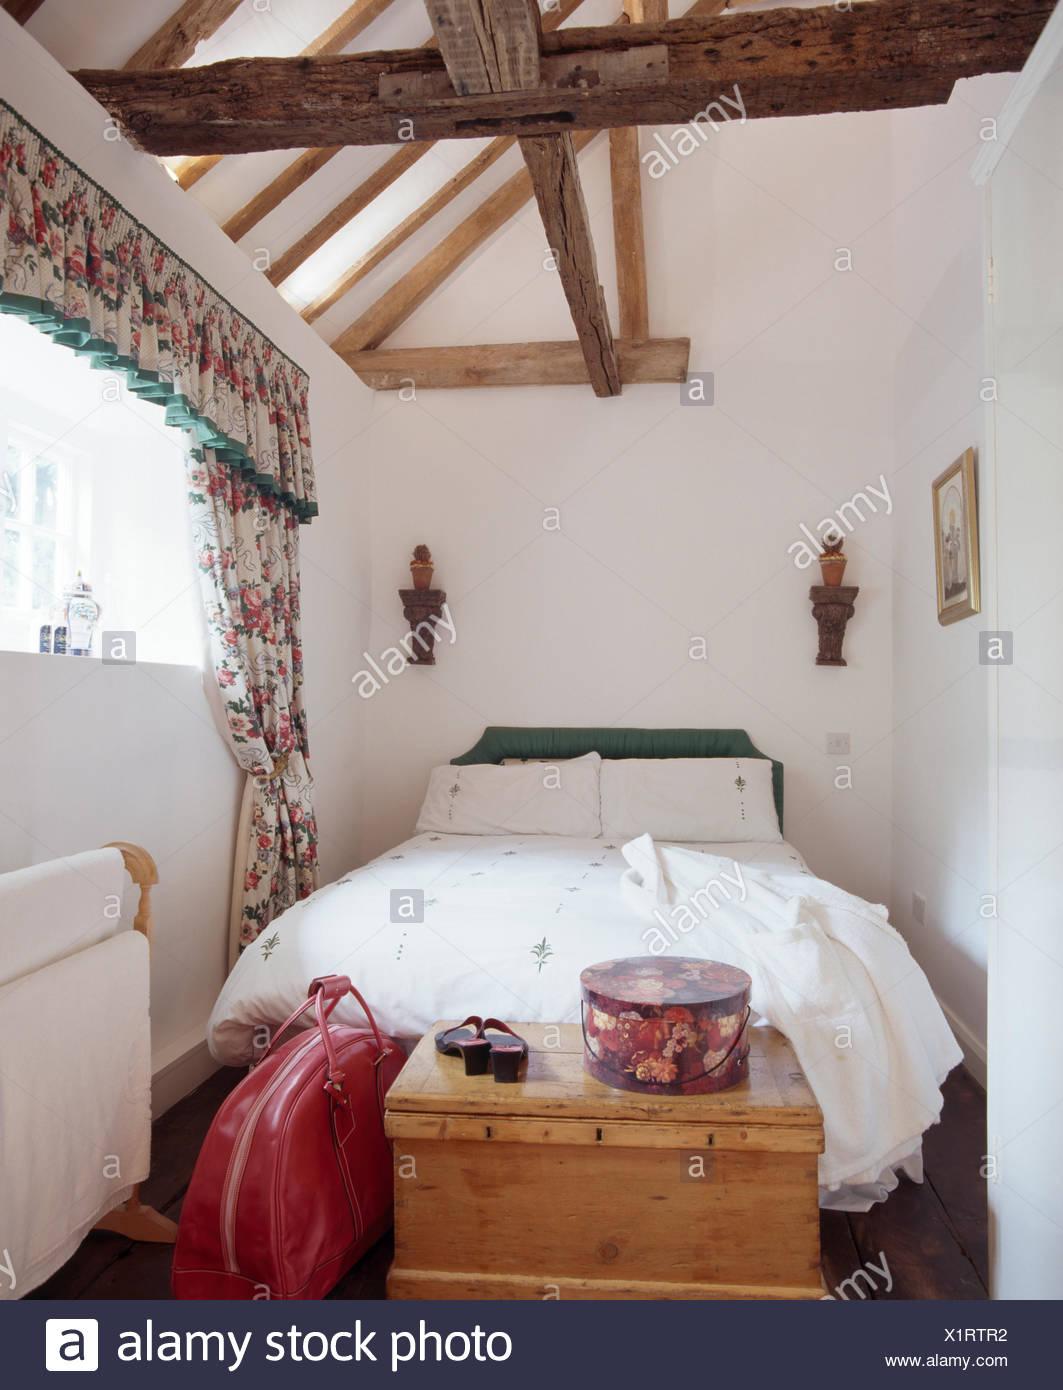 Letto con lenzuola bianche in bianco mansarda con camera da letto in ...